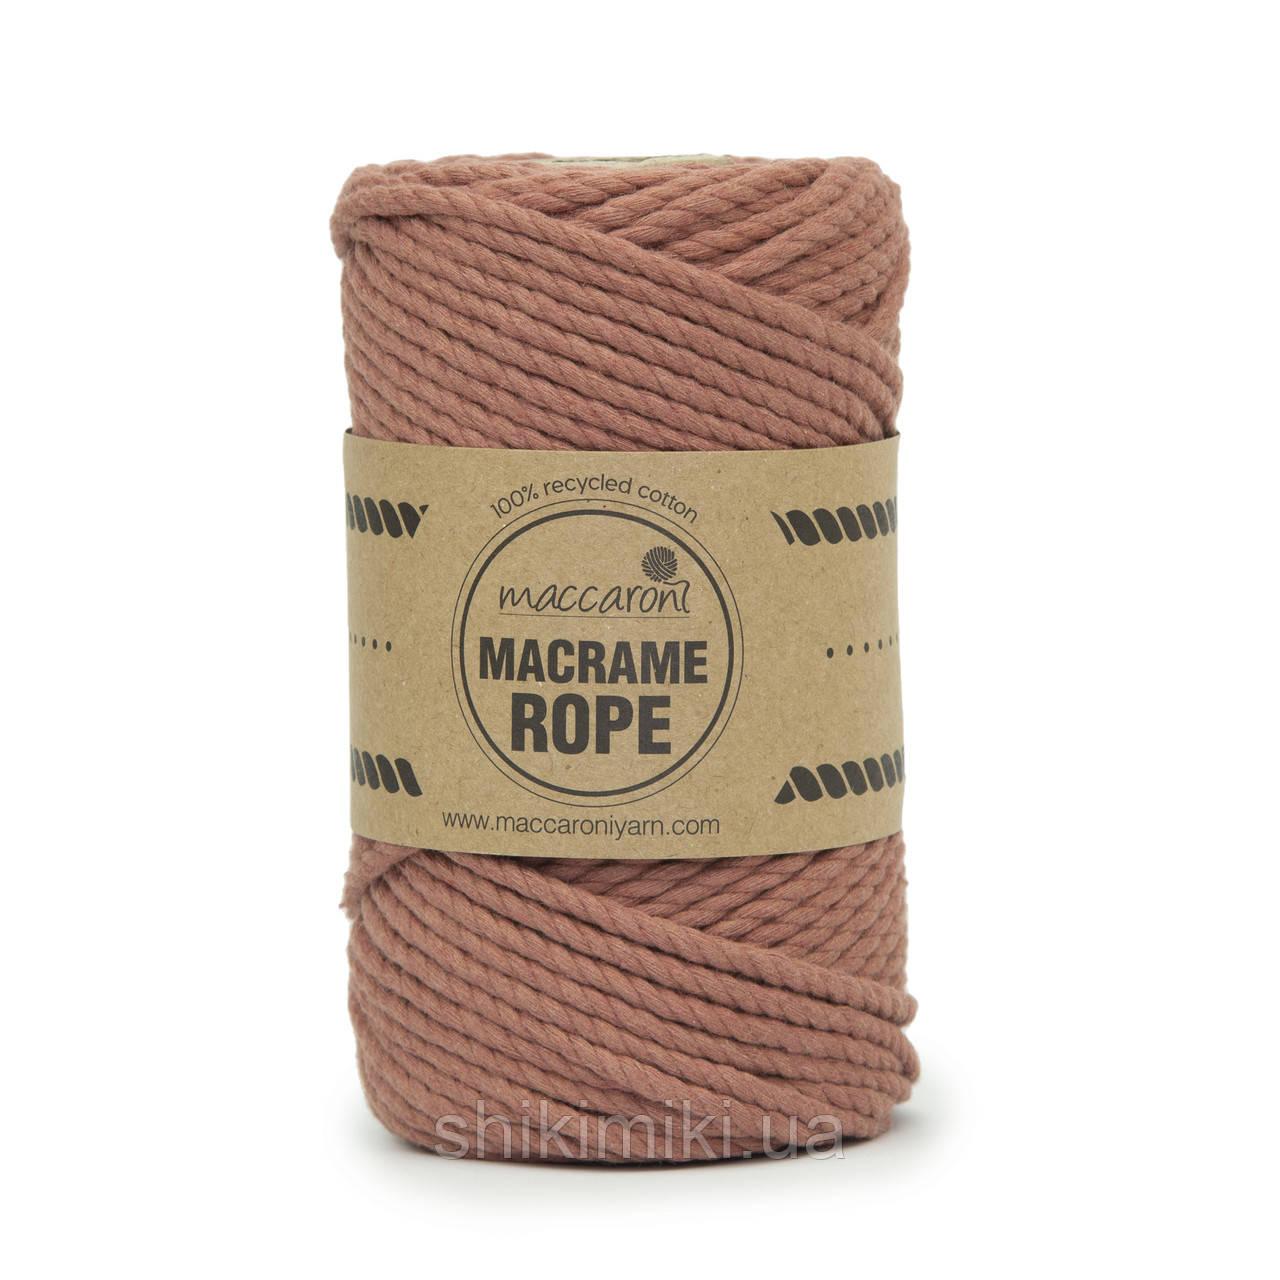 Эко шнур Macrame Rope 4mm, цвет Фрезовый